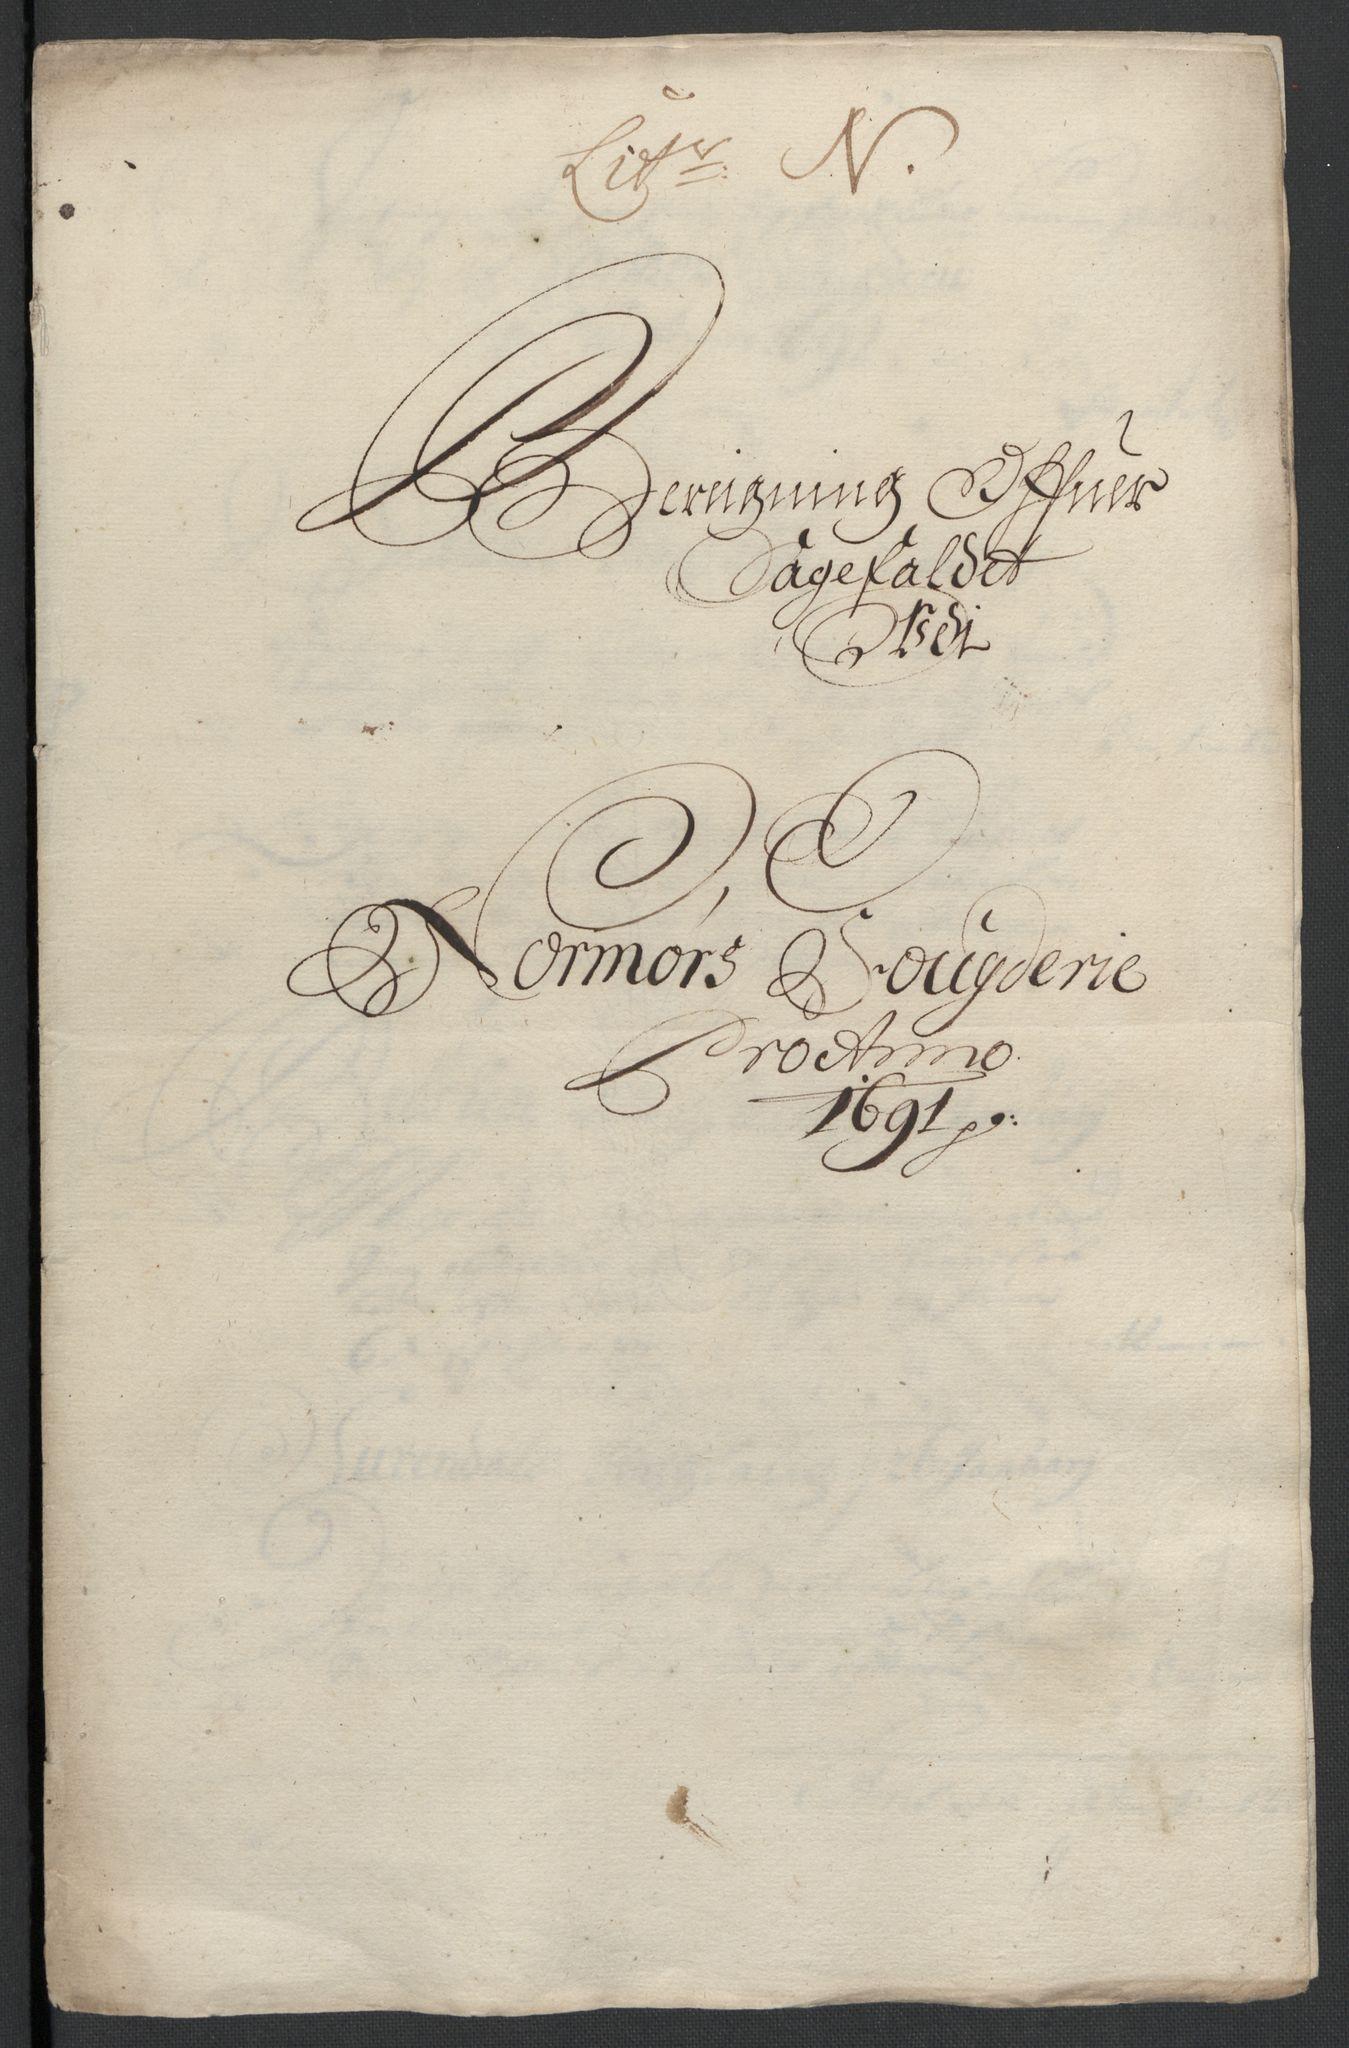 RA, Rentekammeret inntil 1814, Reviderte regnskaper, Fogderegnskap, R56/L3734: Fogderegnskap Nordmøre, 1690-1691, s. 395